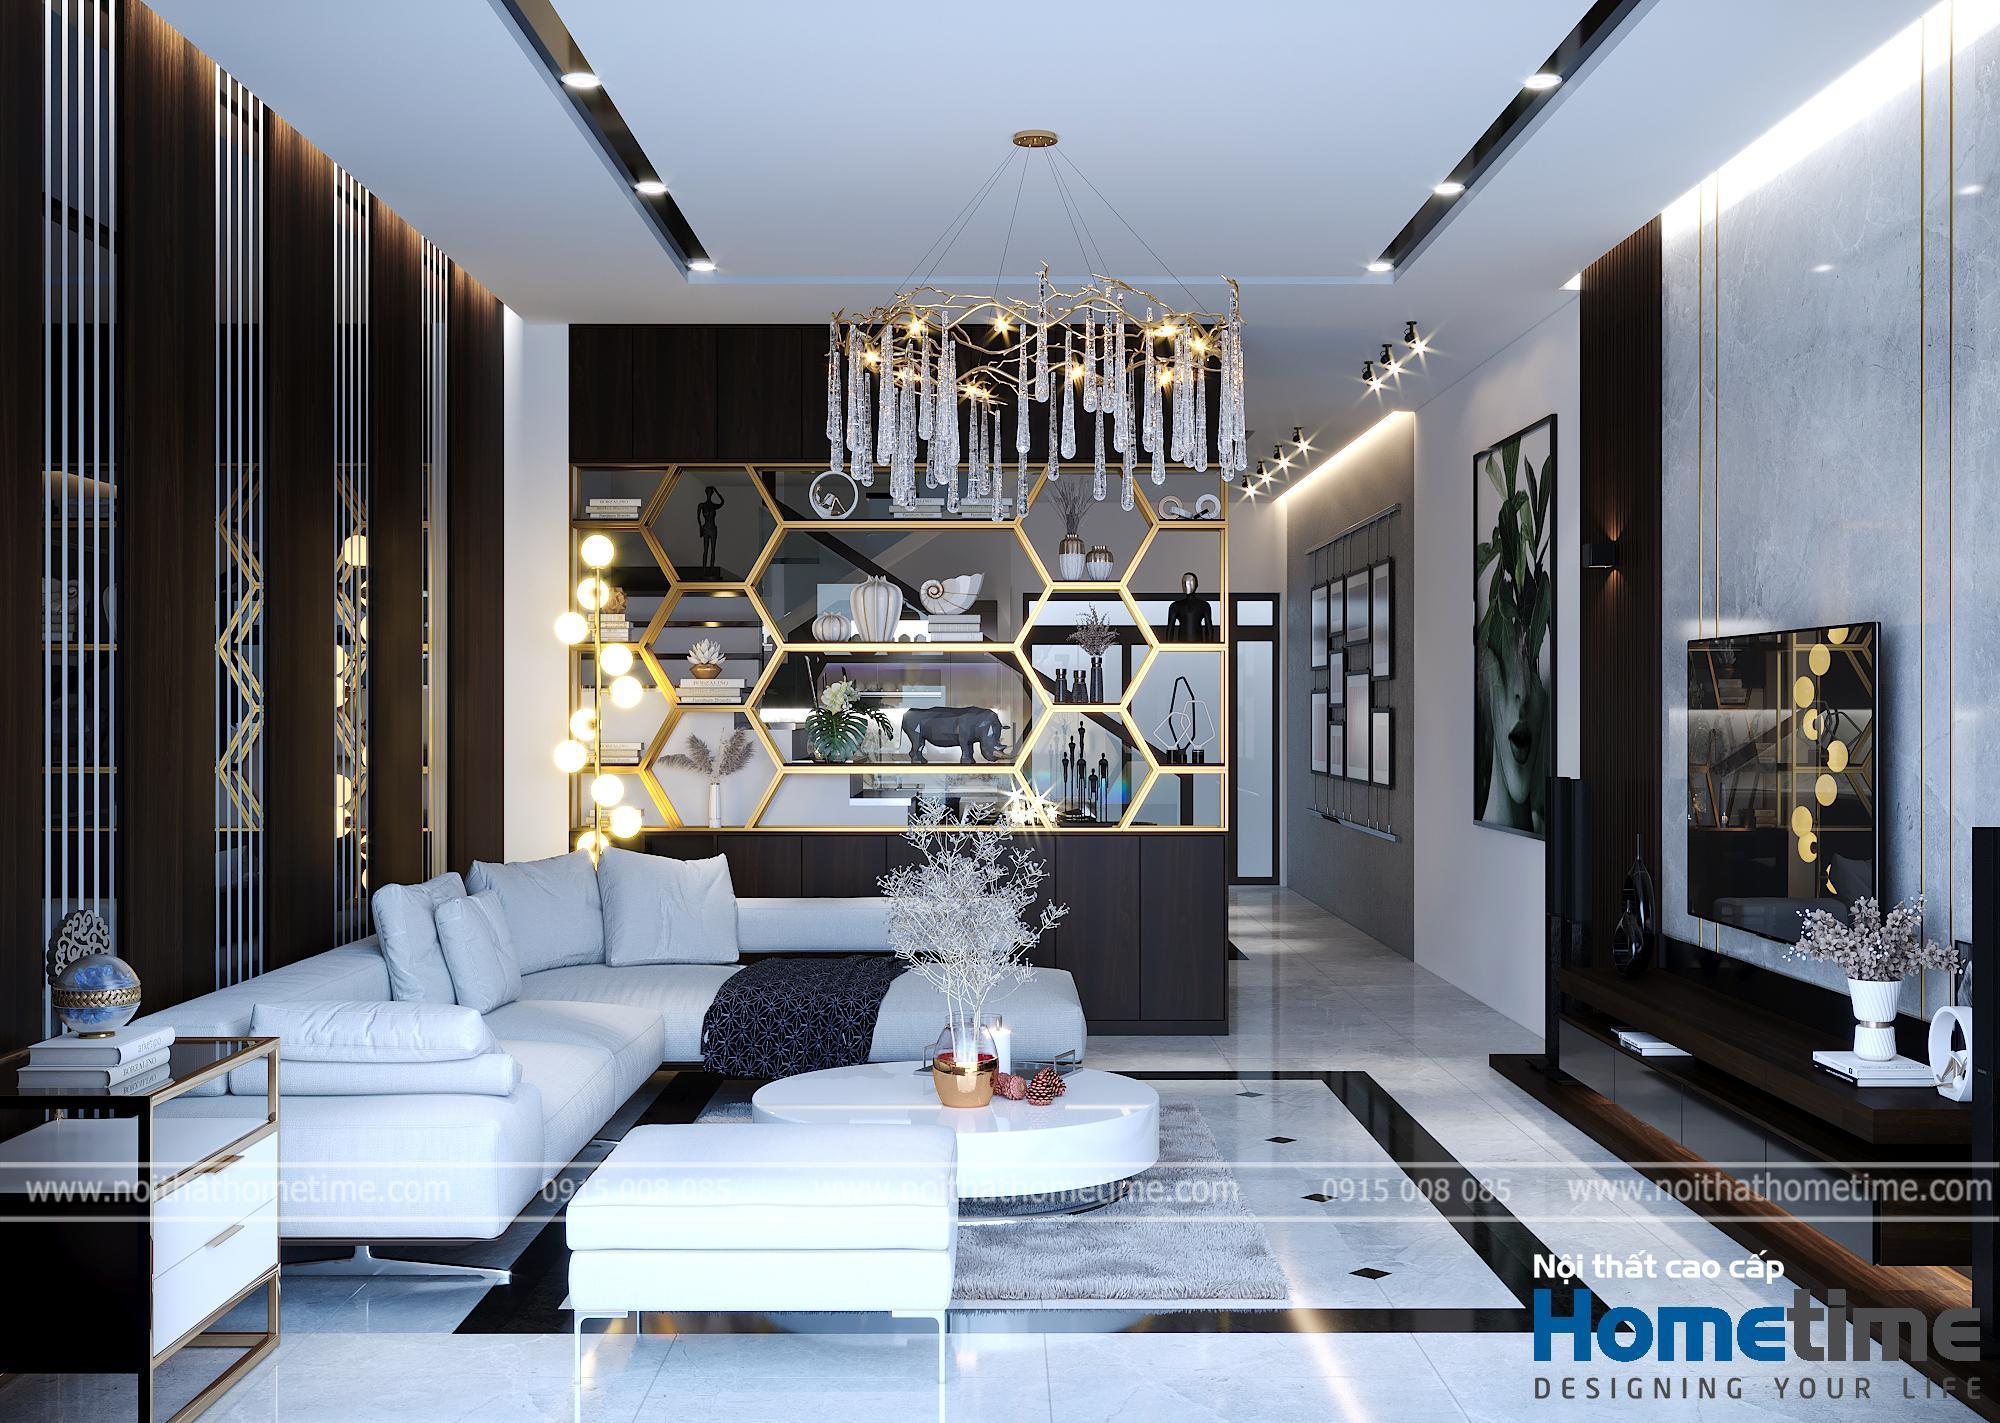 Phối cảnh thiết kế nội thất trọn gói mới nhất năm 2020